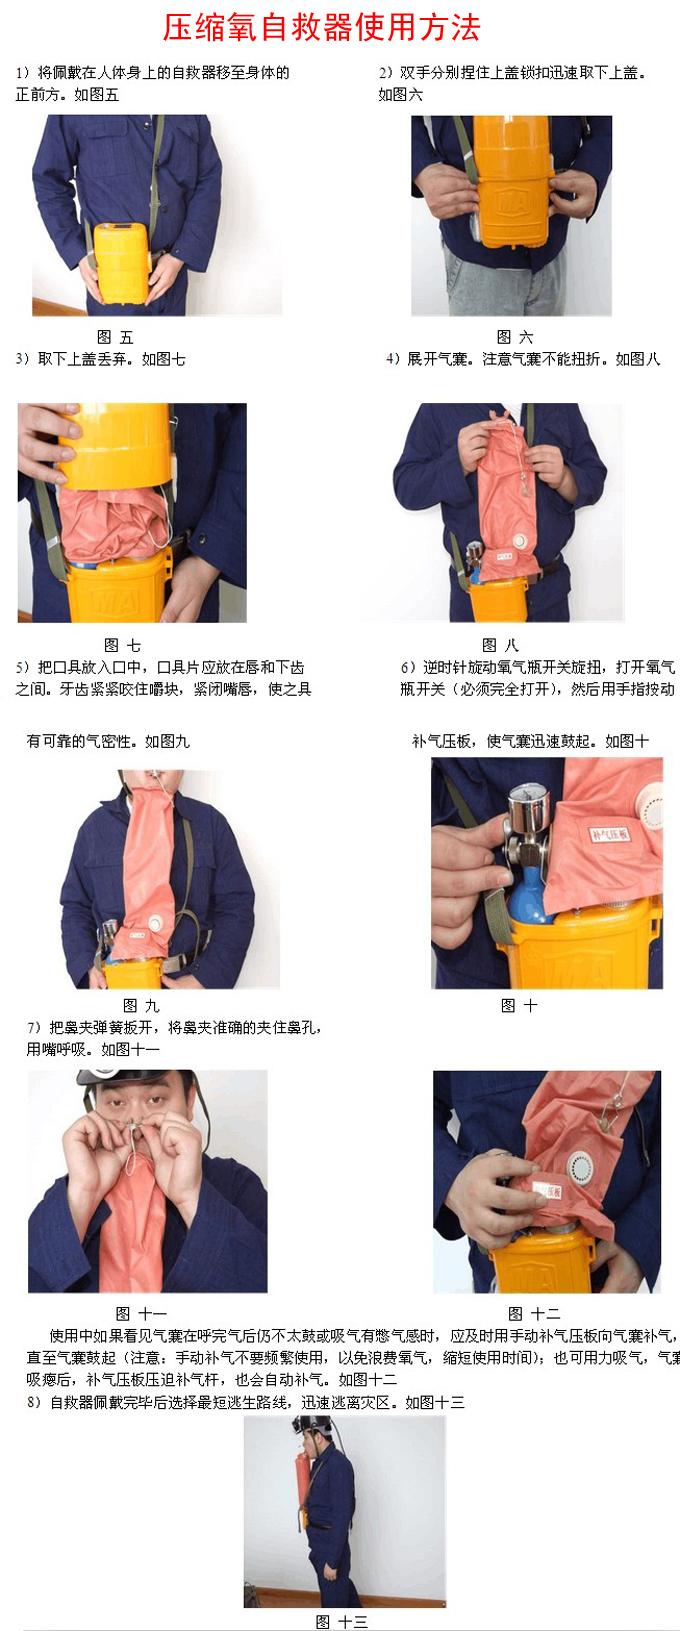 压缩氧自救器使用方法